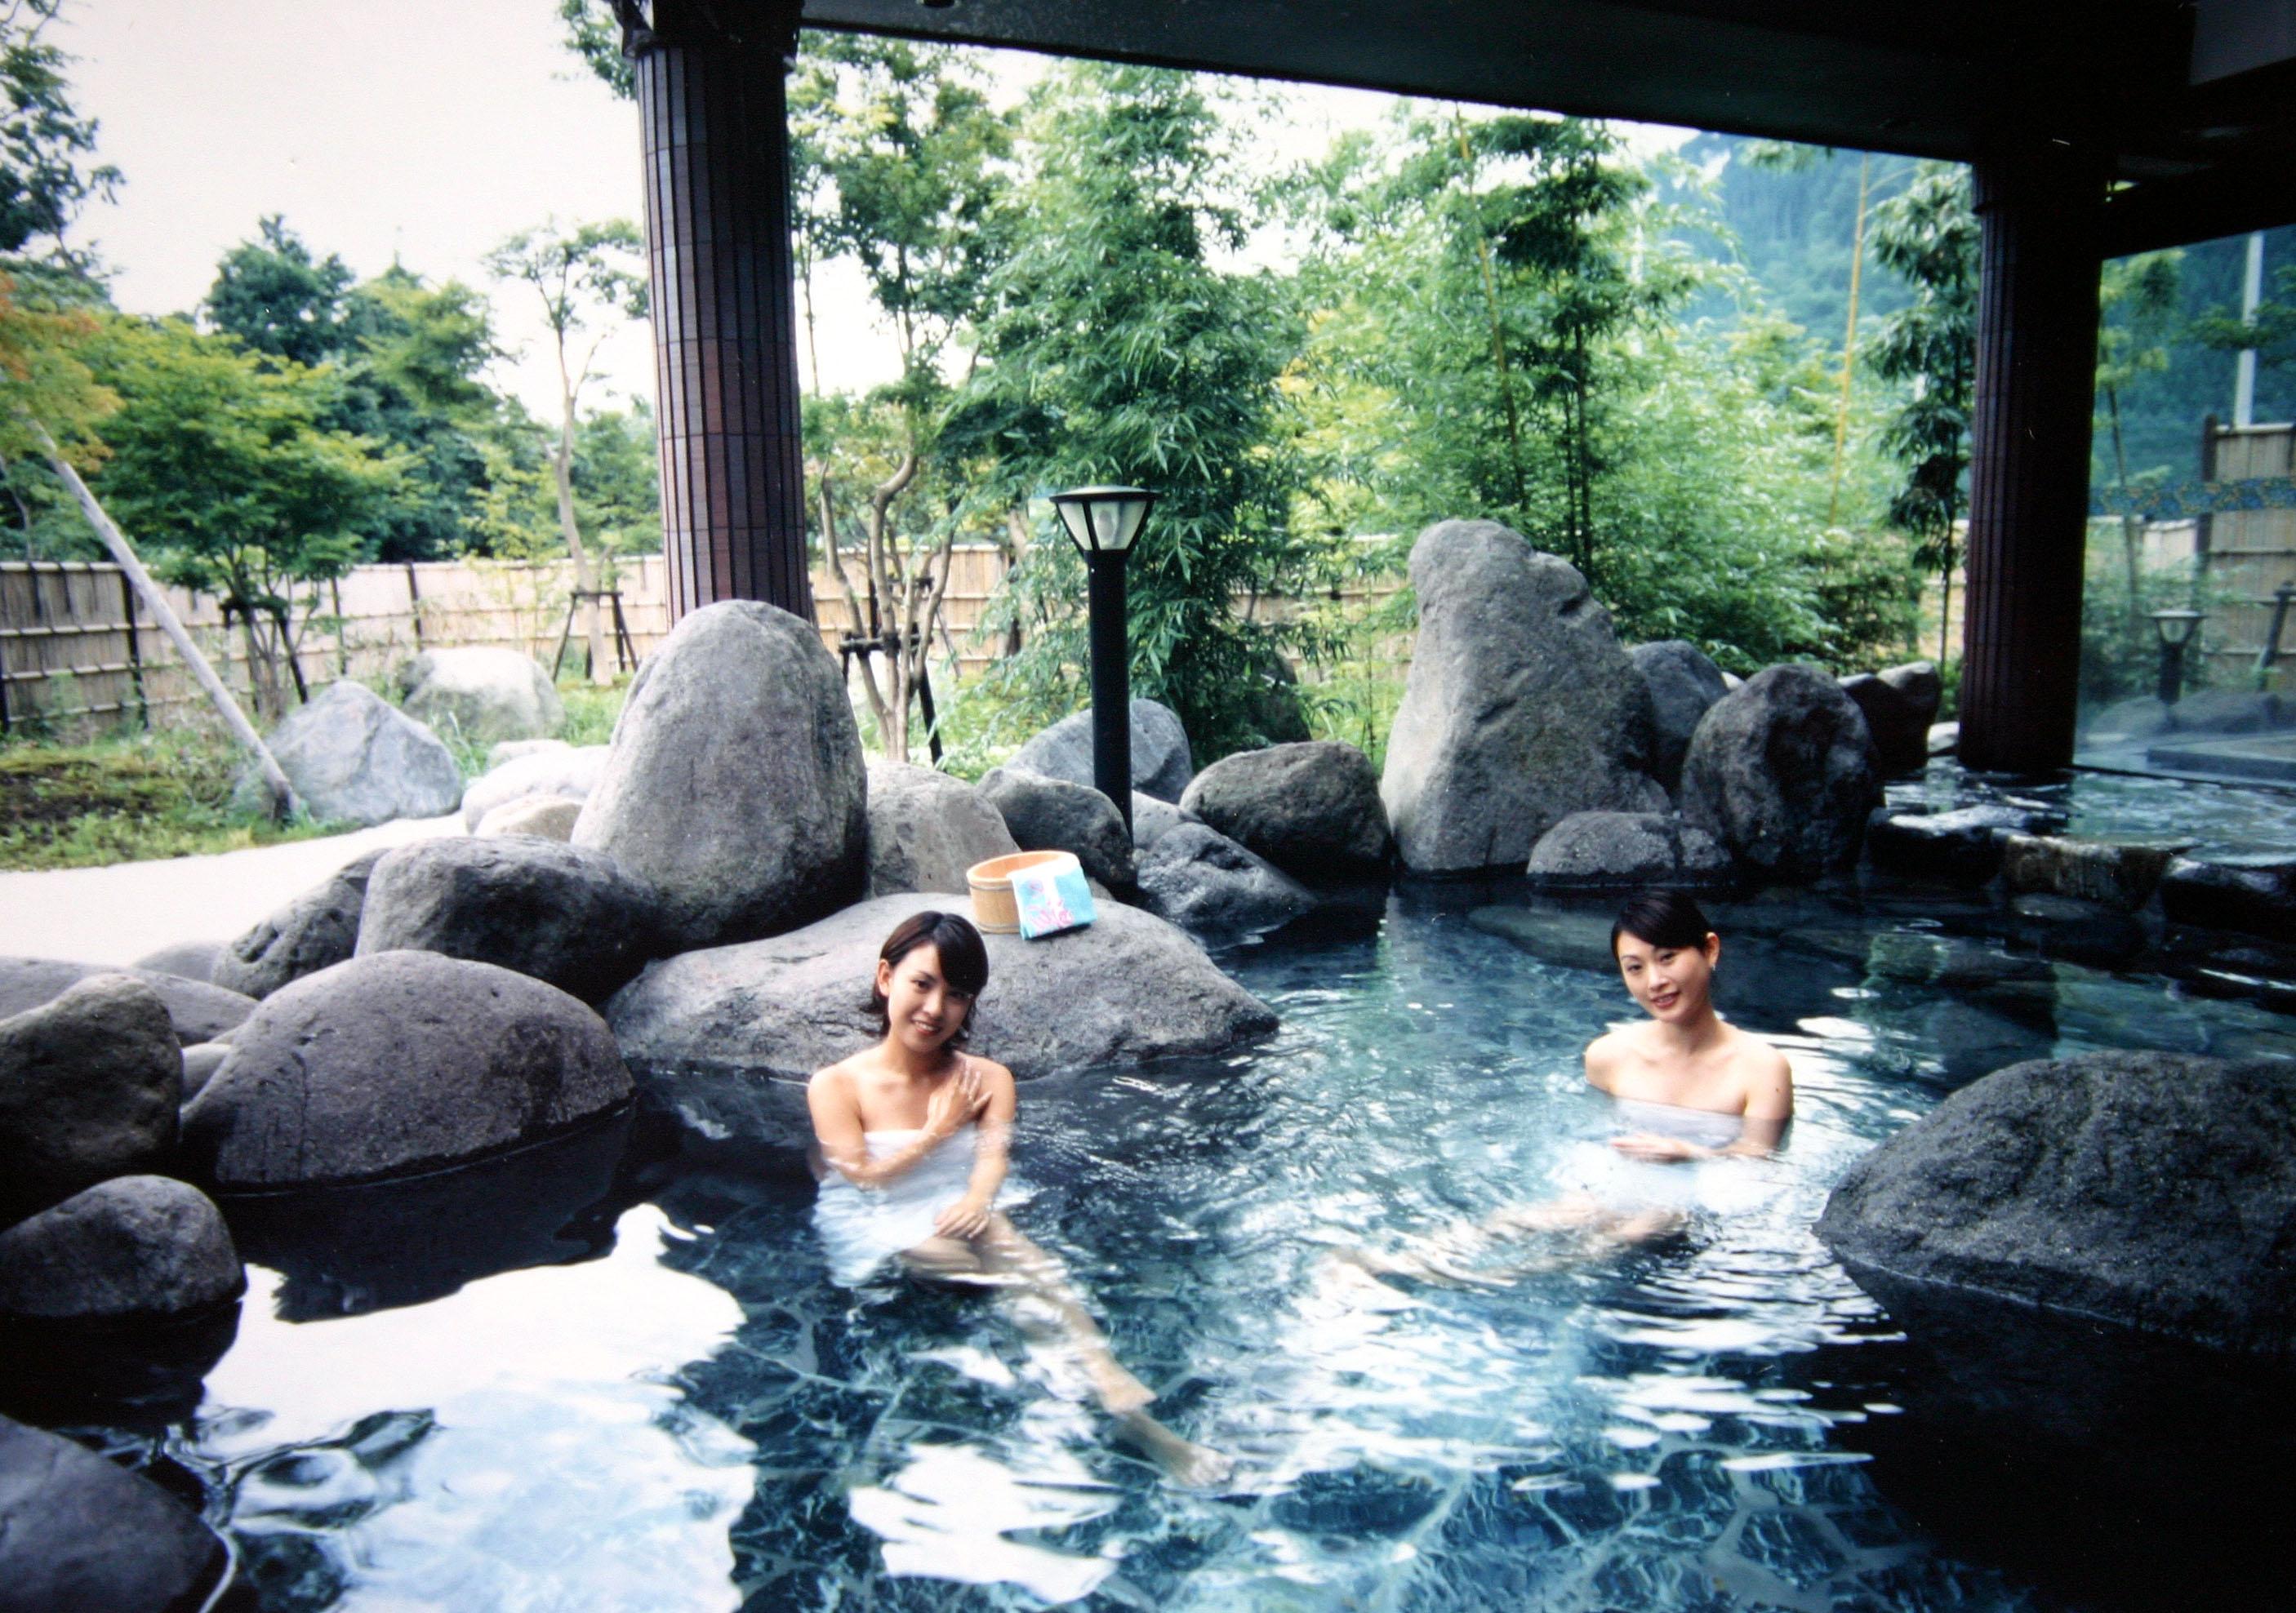 楽しみにしていた温泉旅行!!でも生理が丸被り!!入ってもいいの?のサムネイル画像